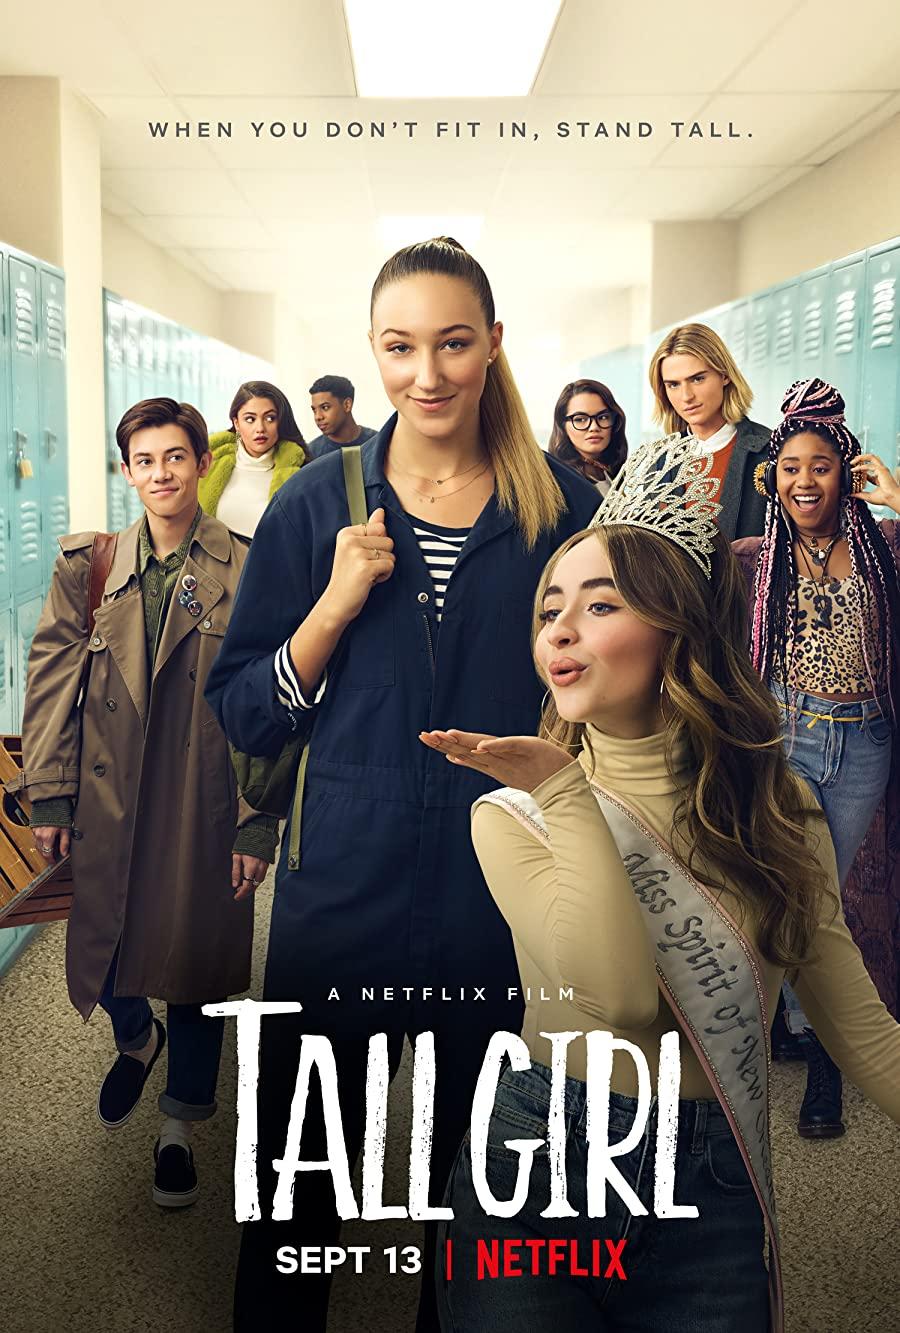 فیلم دختر قد بلند دوبله فارسی 2019